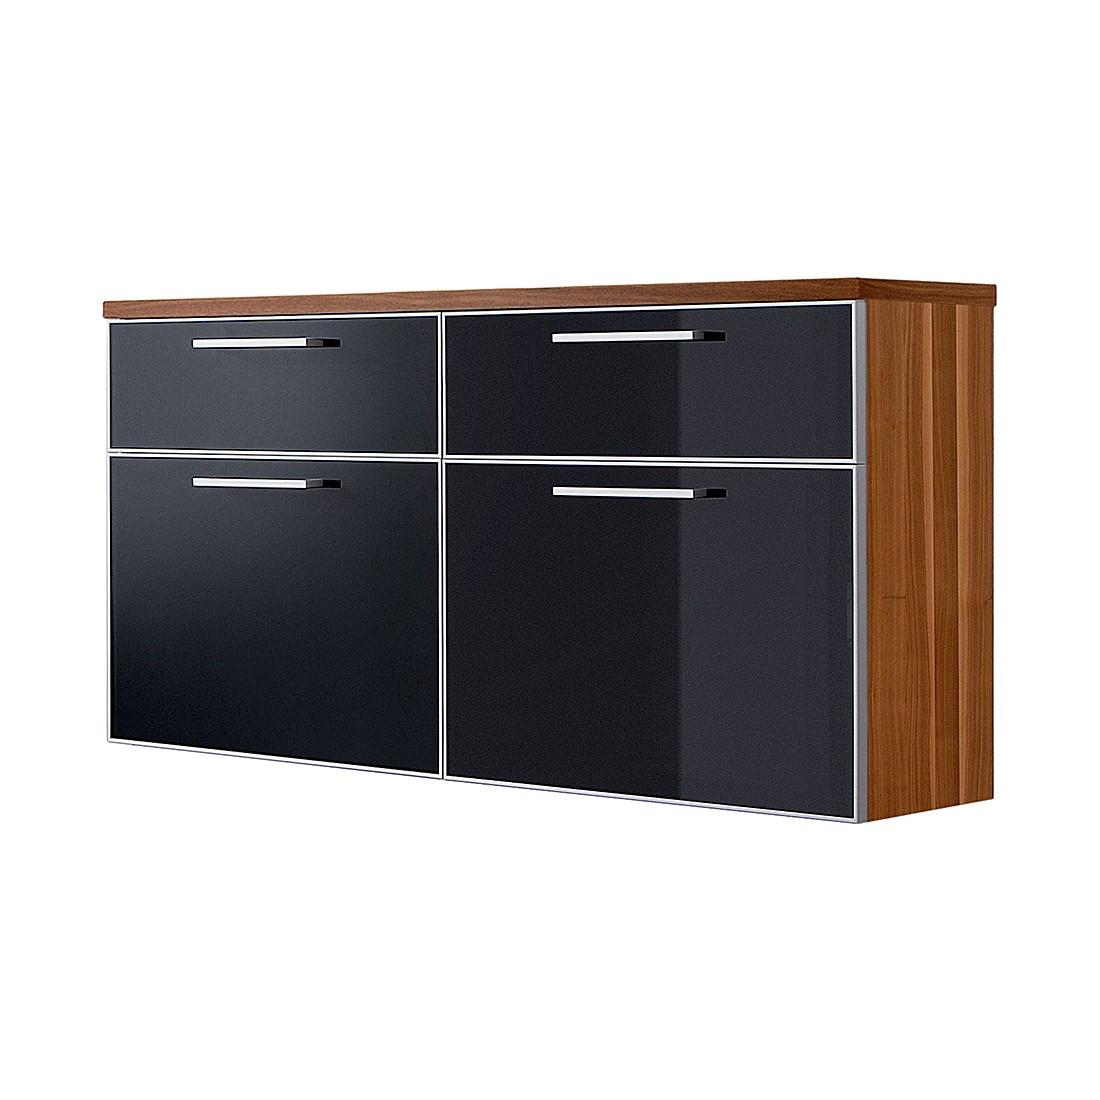 h ngeschuhschrank sarota iv nussbaum glas anthrazit voss g nstig kaufen. Black Bedroom Furniture Sets. Home Design Ideas